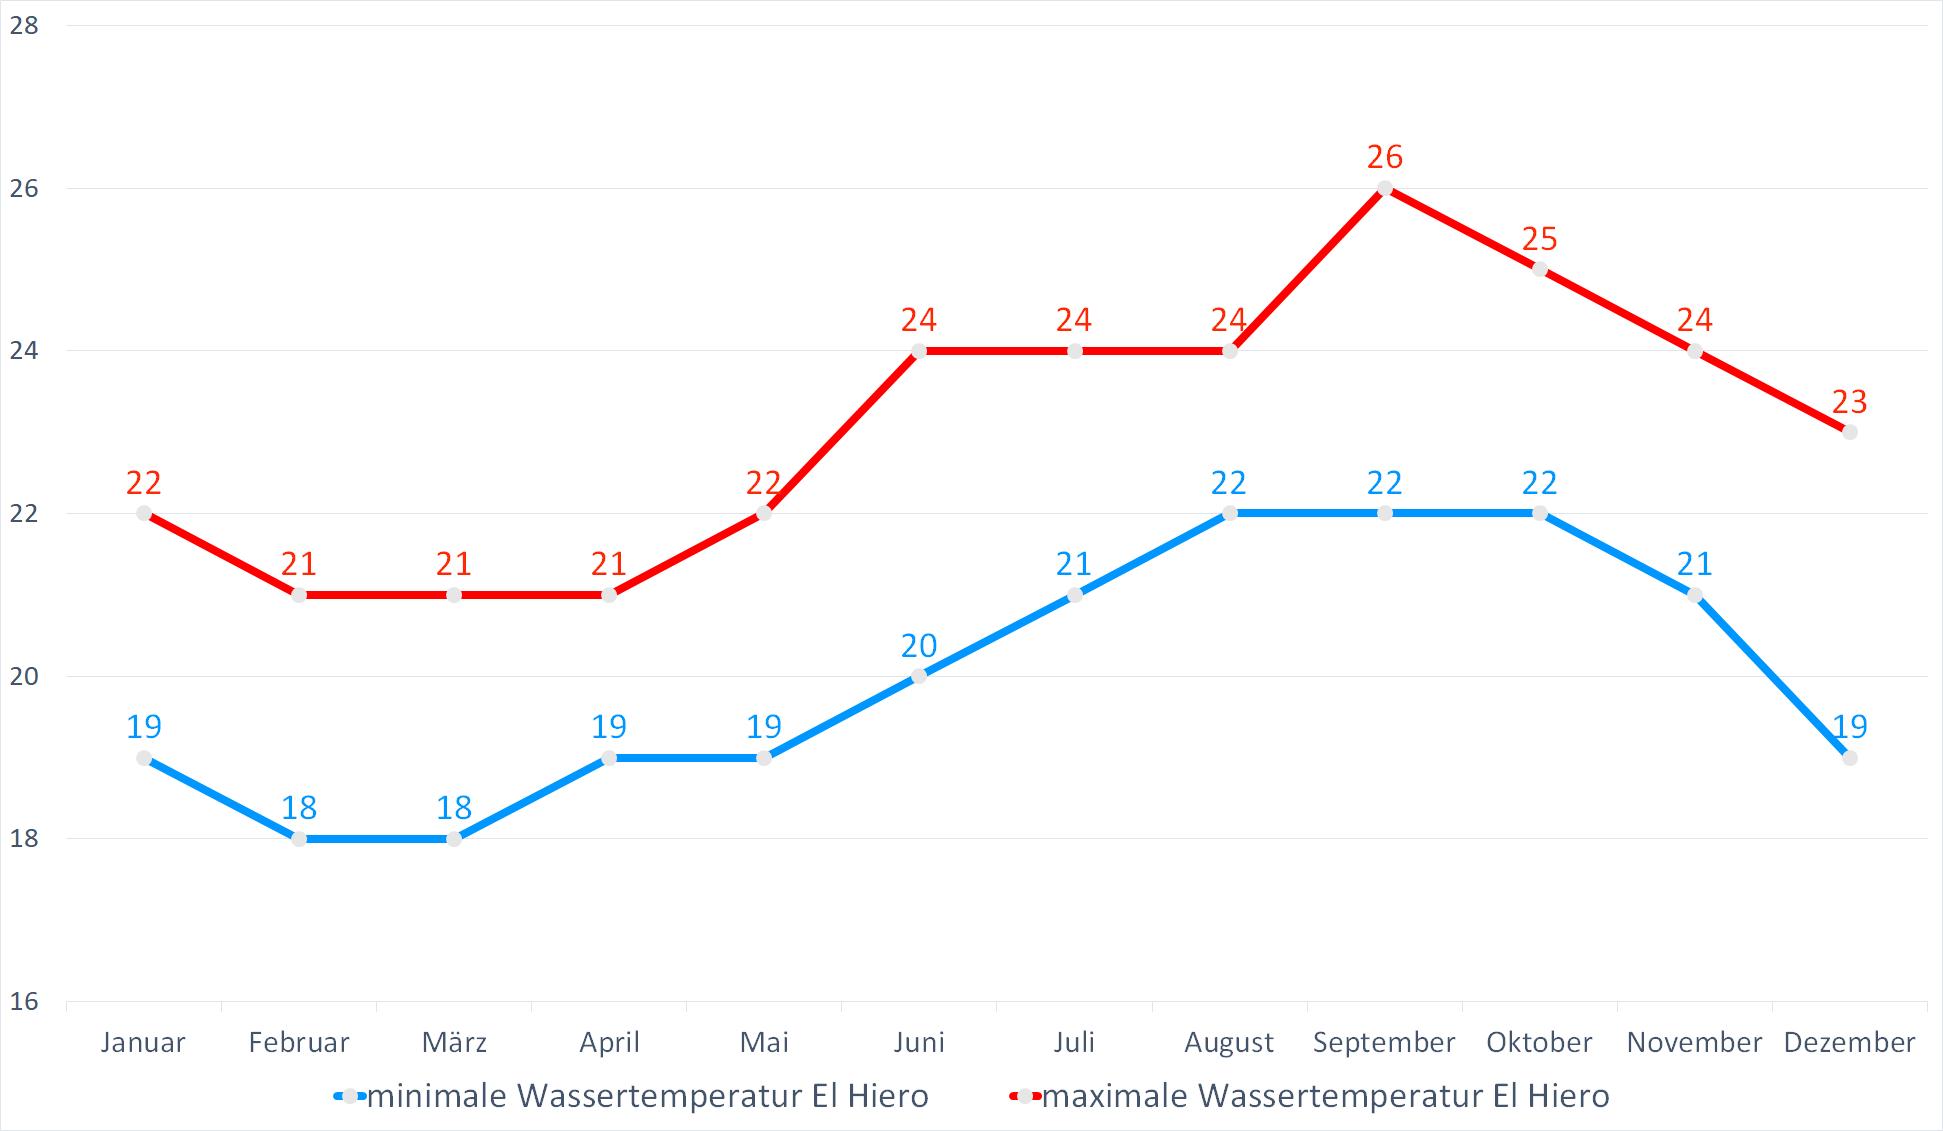 Minimale & Maximale Wassertemperaturen für El Hierro im Jahresverlauf